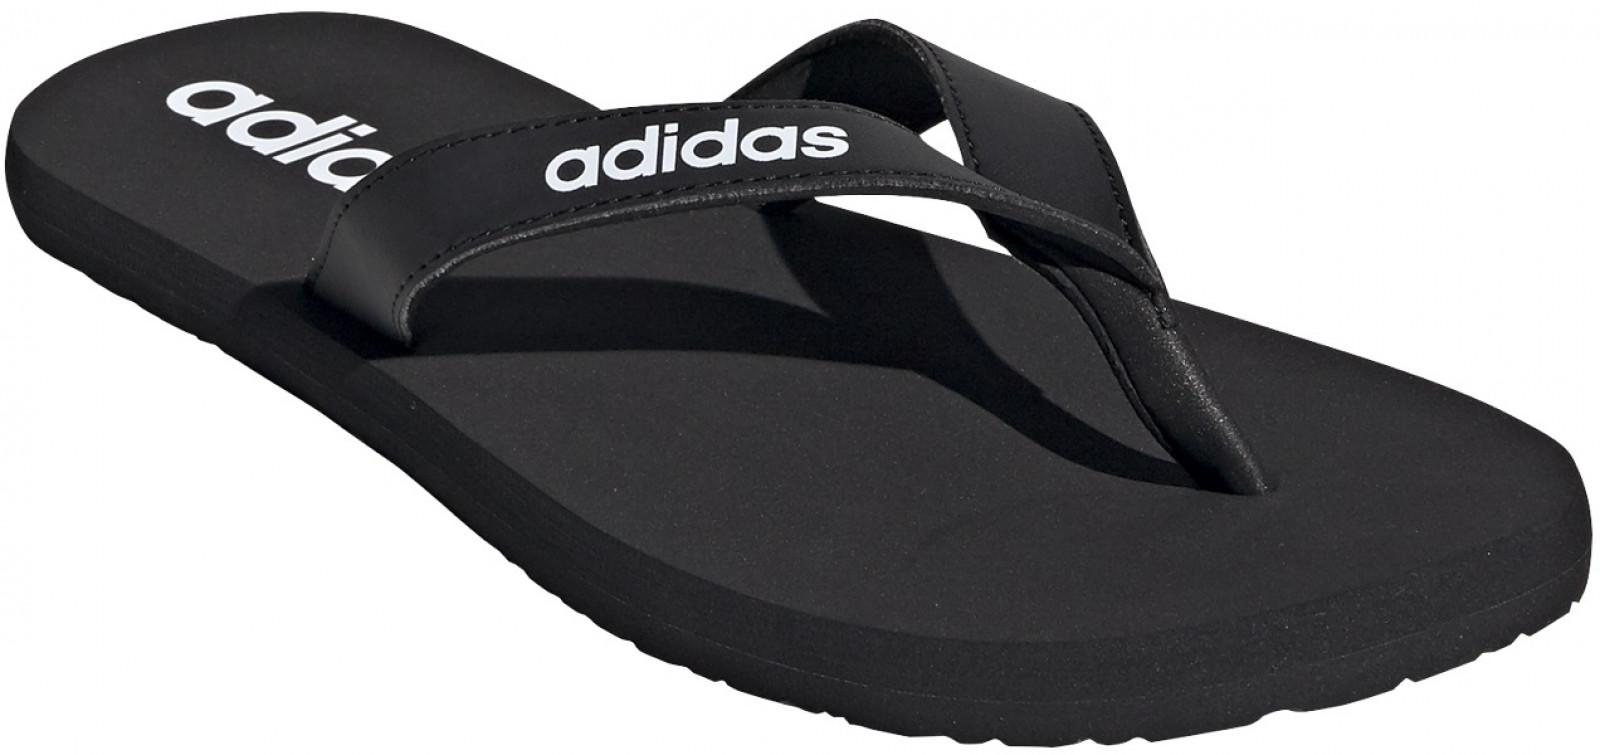 adidas eezay trainers